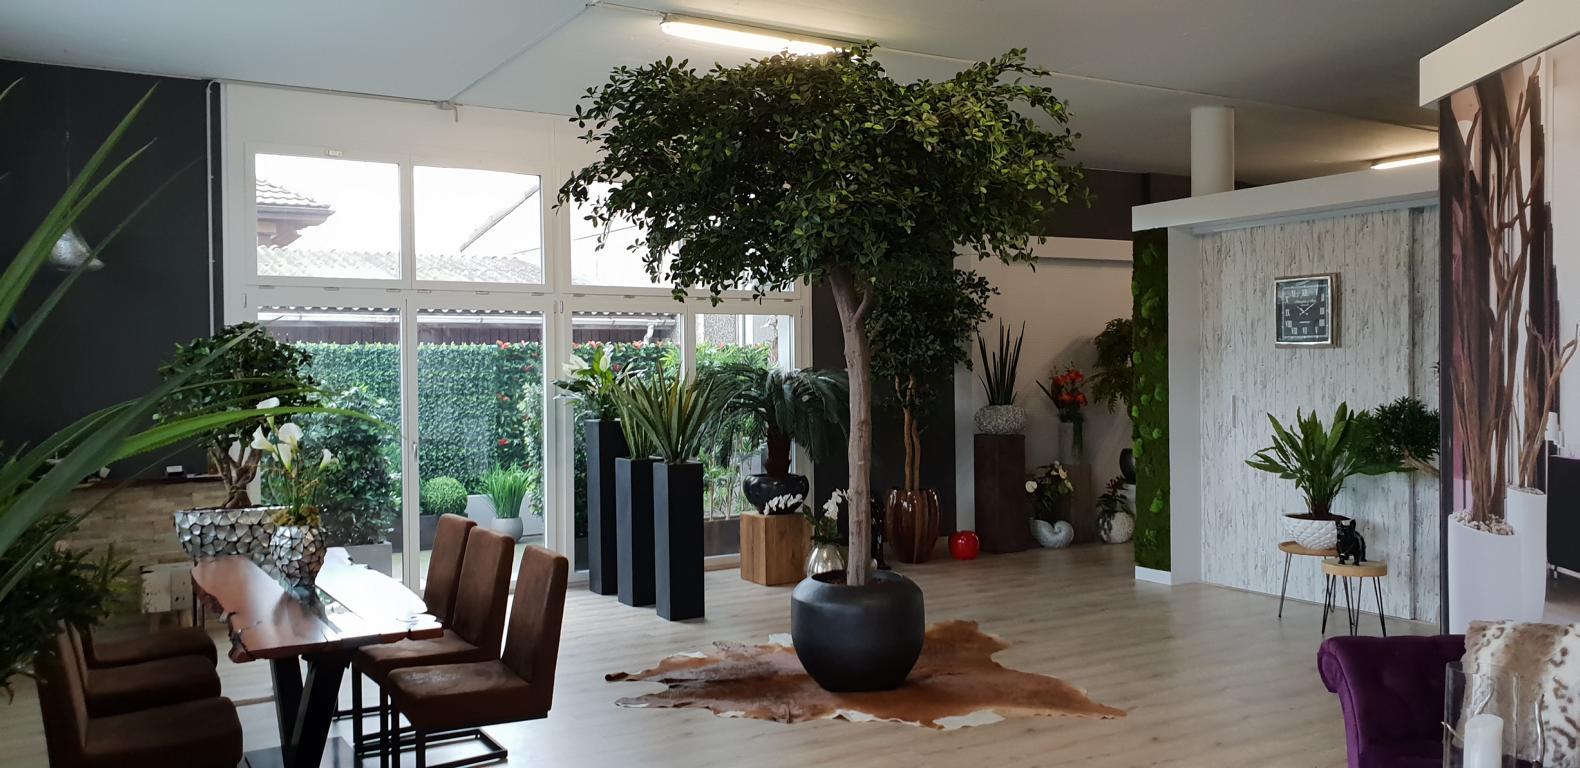 Ausstellung von Dekohaus mit künstlichen Deko Pflanzen und Kunstbäume.